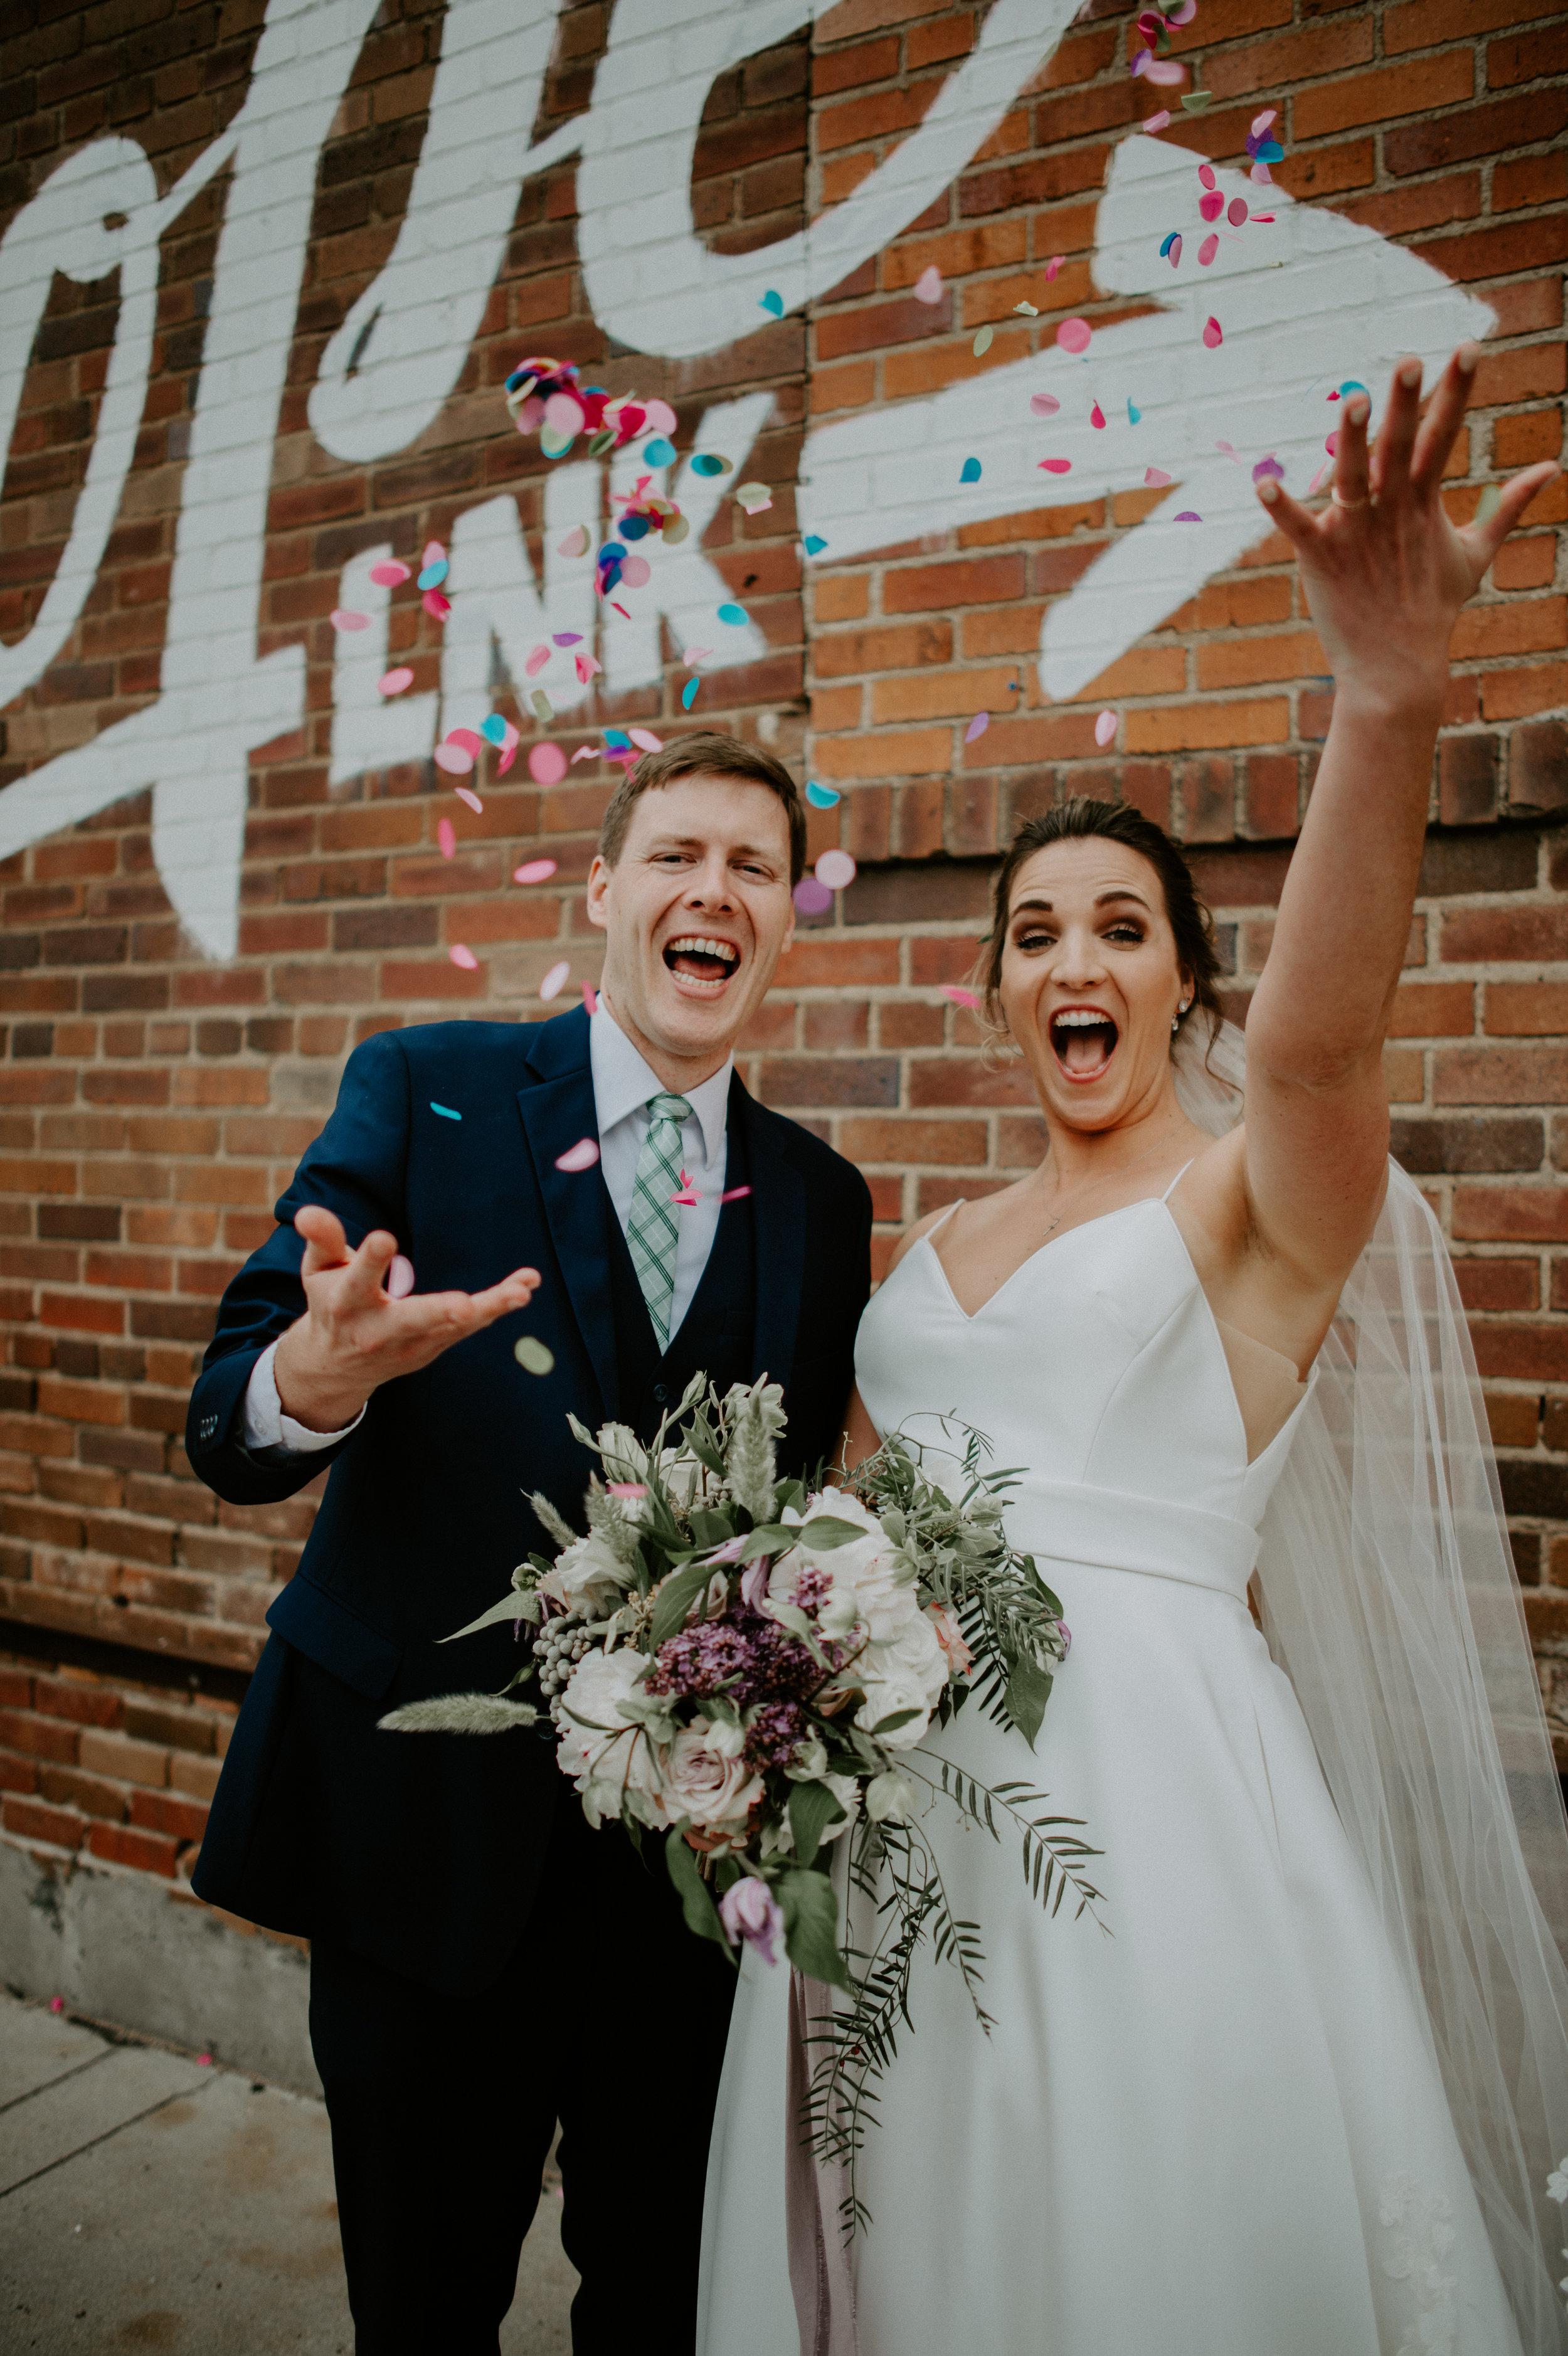 dunn-honkewedding.jpg